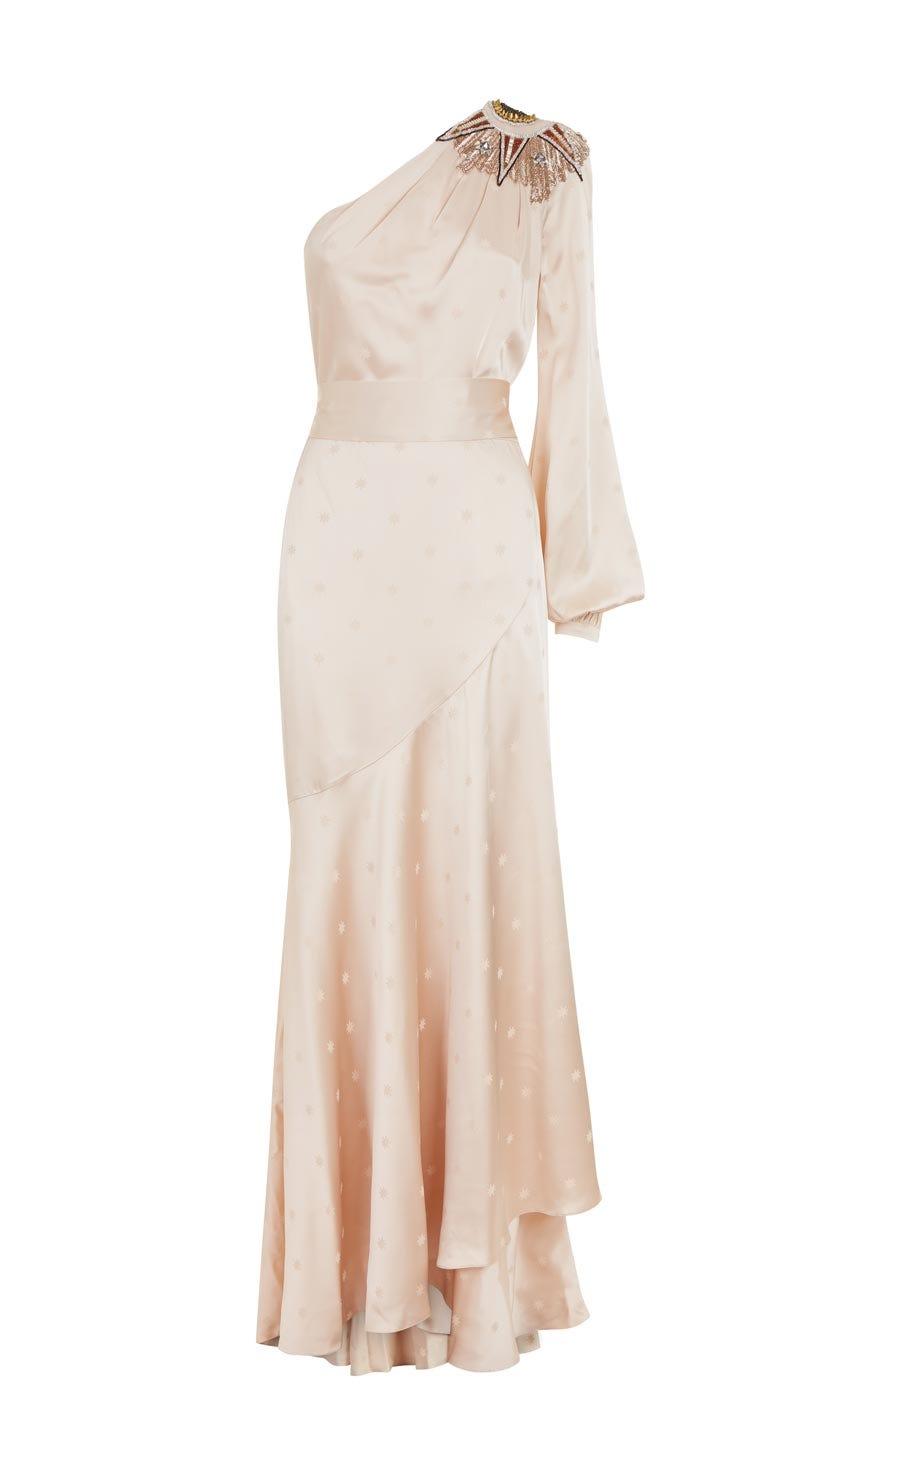 Parachute Asymmetric Gown